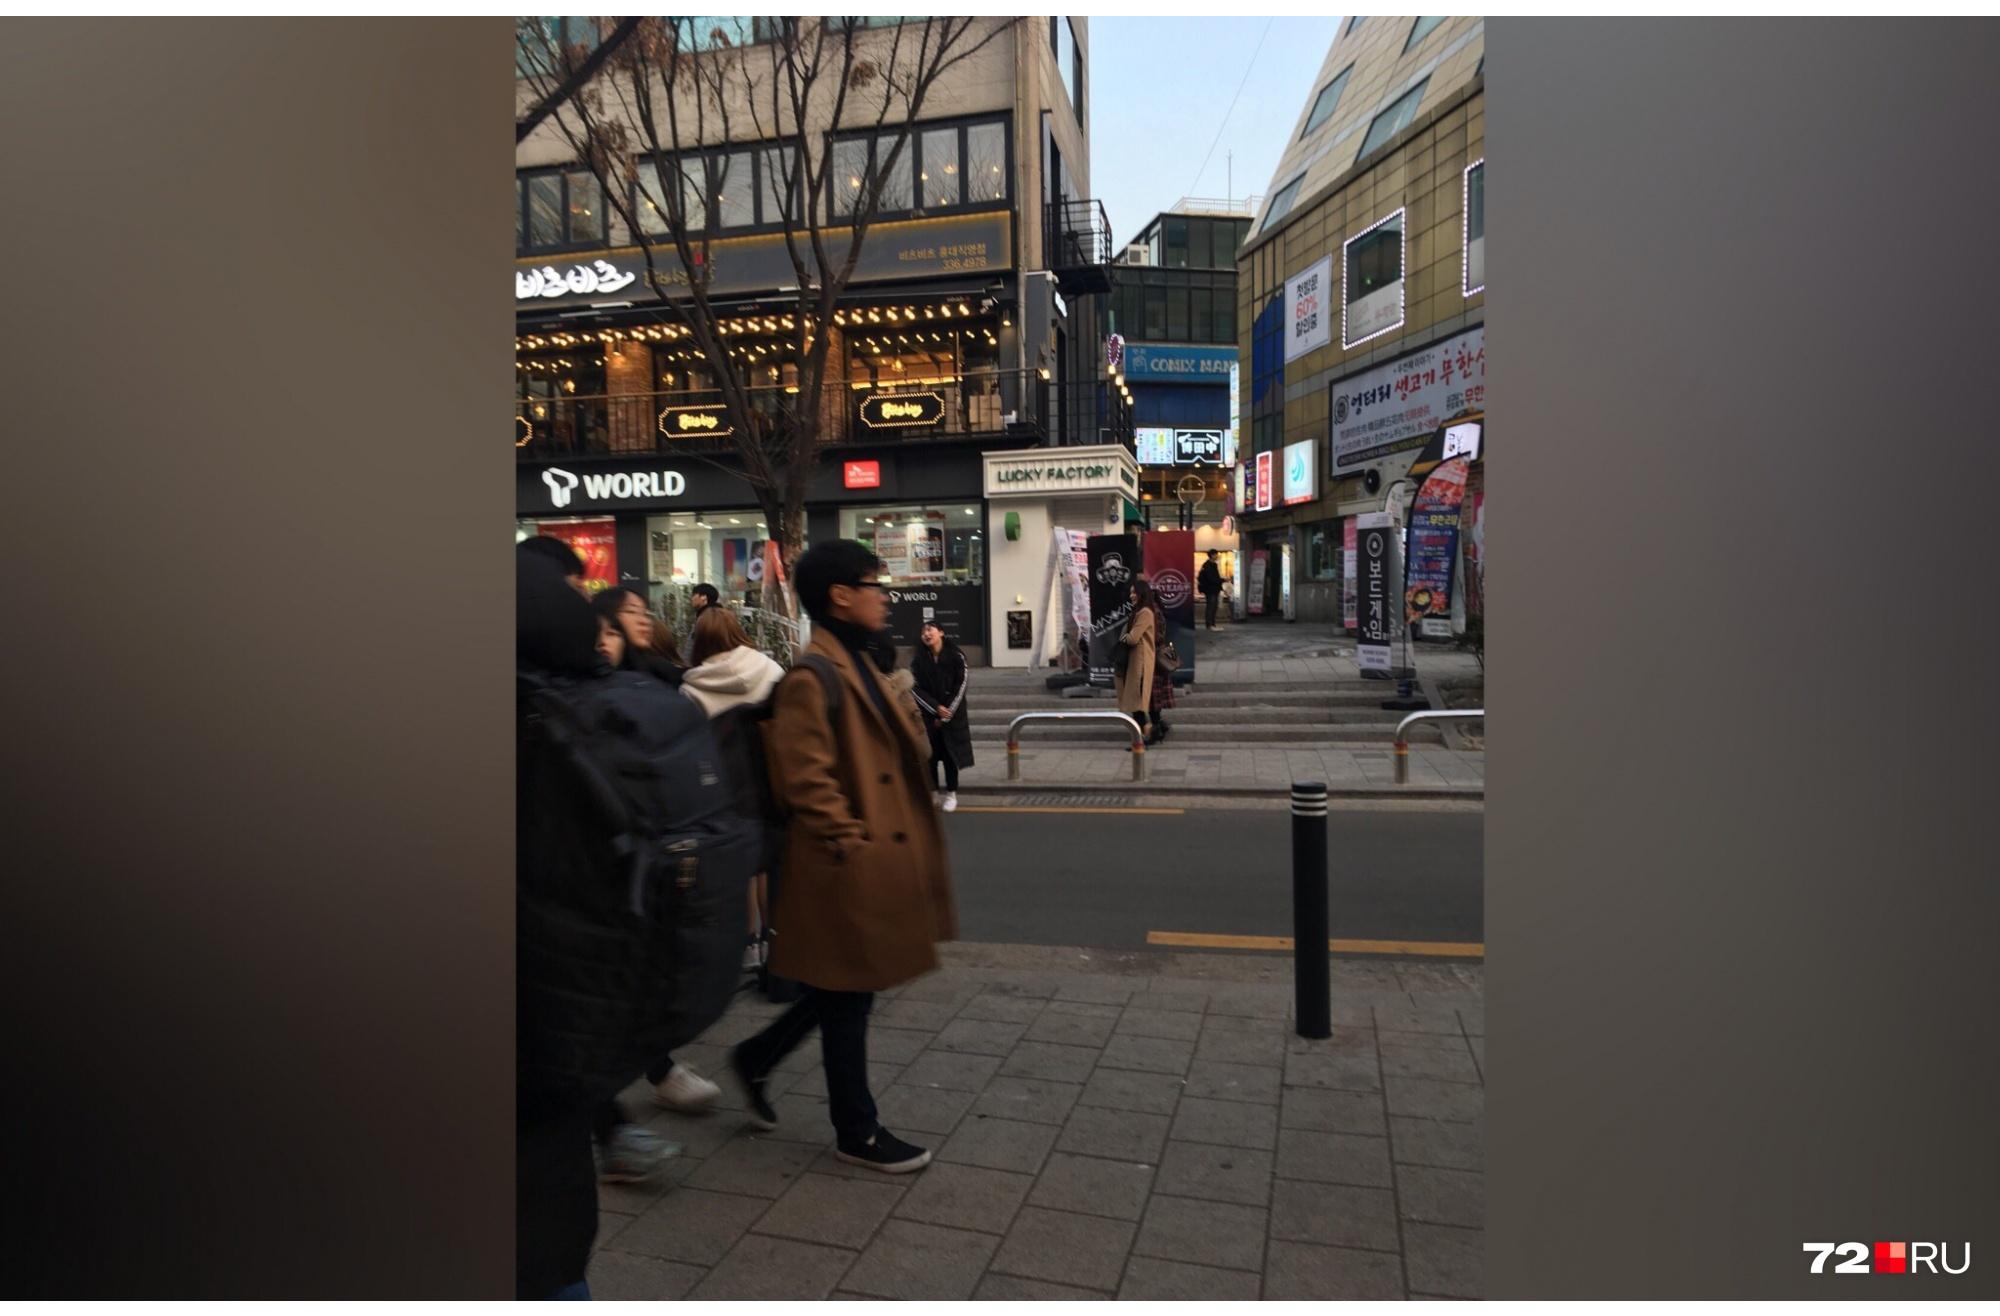 Жители Сеула отказываются носить шапки, зато с удовольствием надевают укороченные брюки в холодную погоду